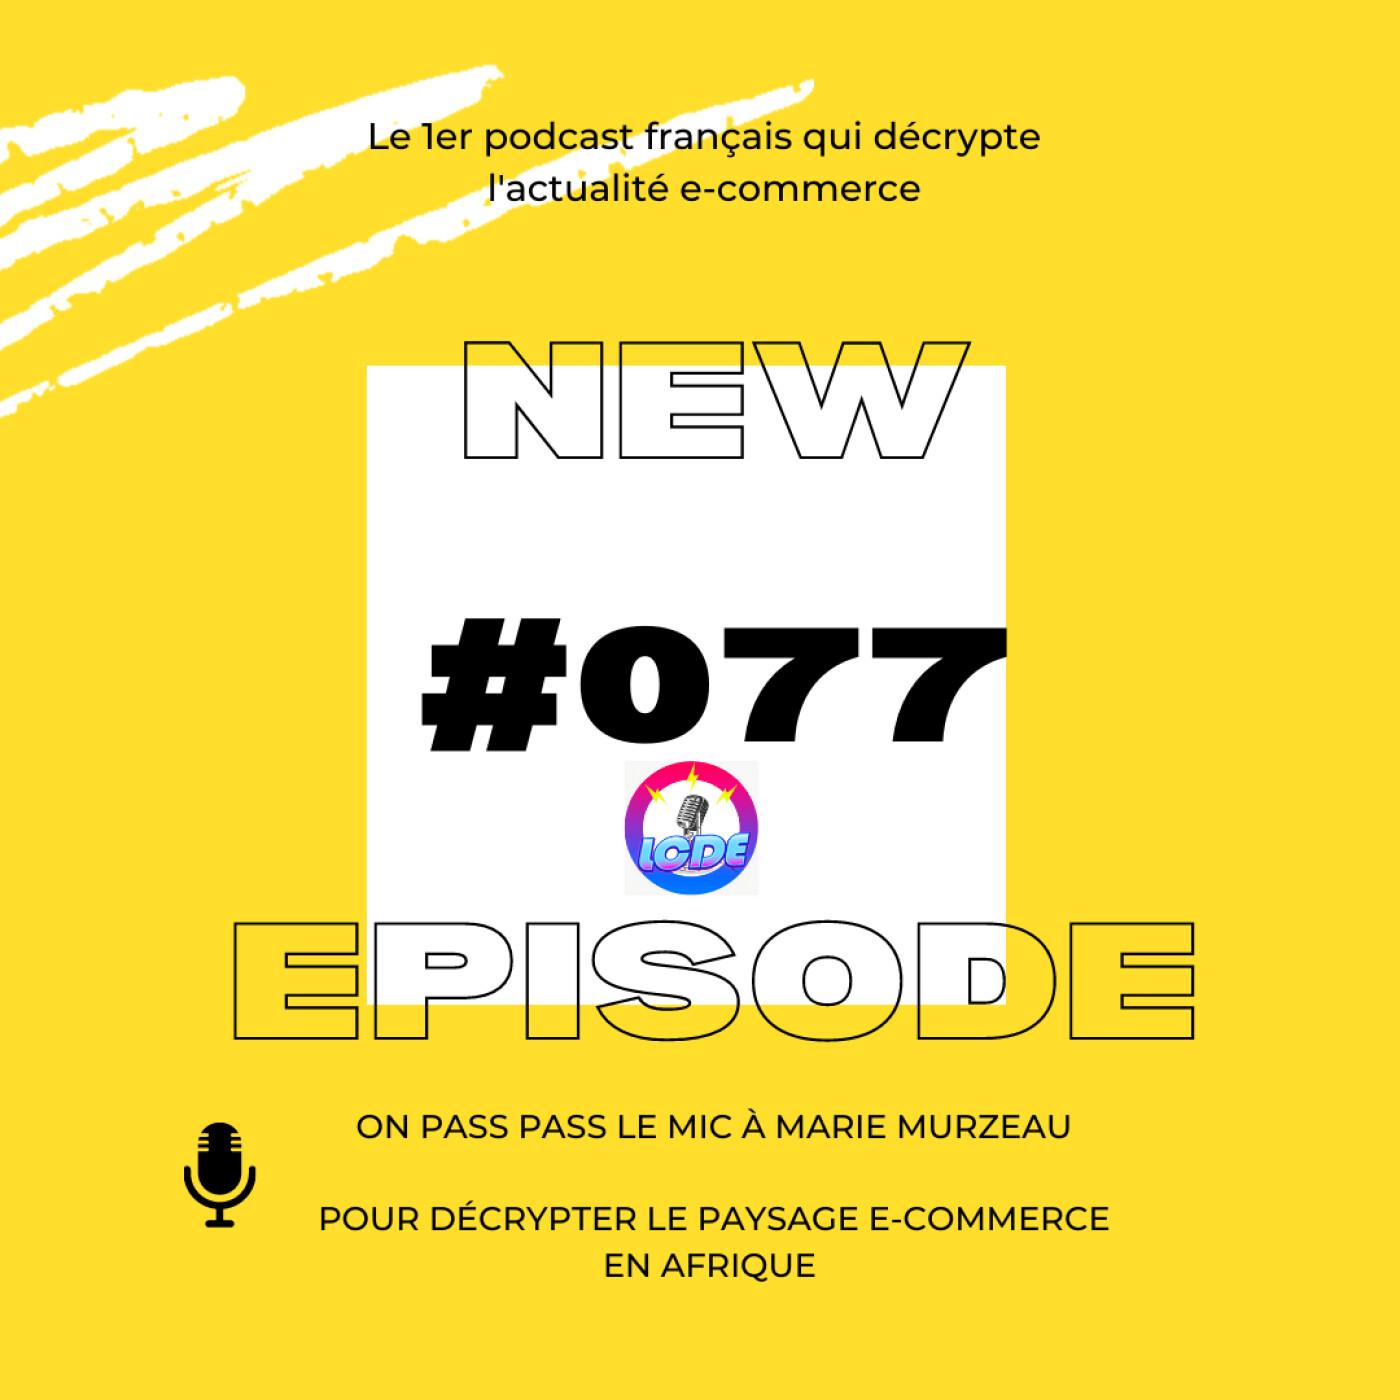 077 - Les déboires de Vinted, ecommerce en Afrique avec Marie Murzeau,...